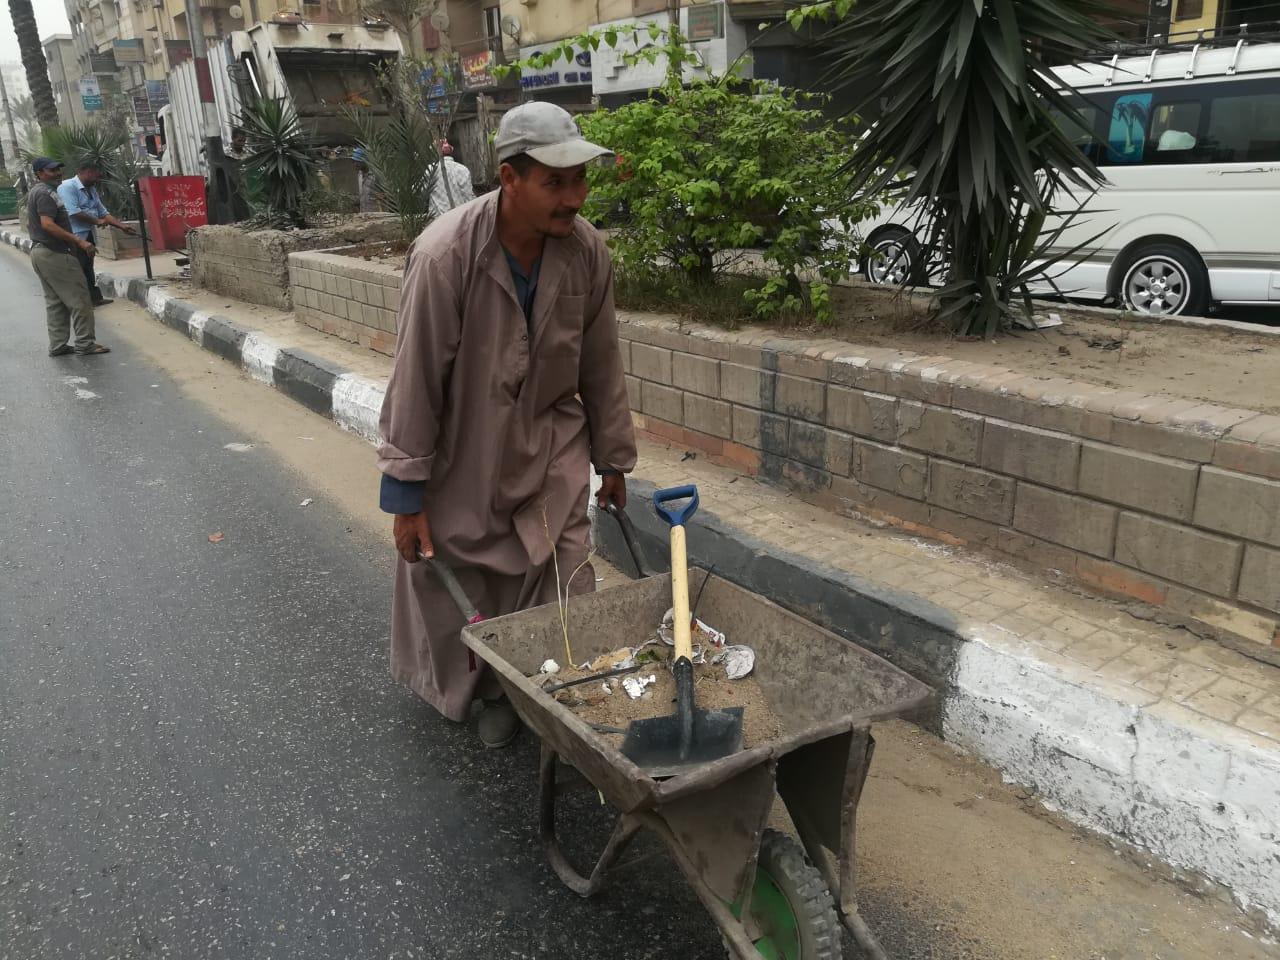 مركز ومدينة الزقازيق تواصل رفع القمامة وتجميل الشوارع3